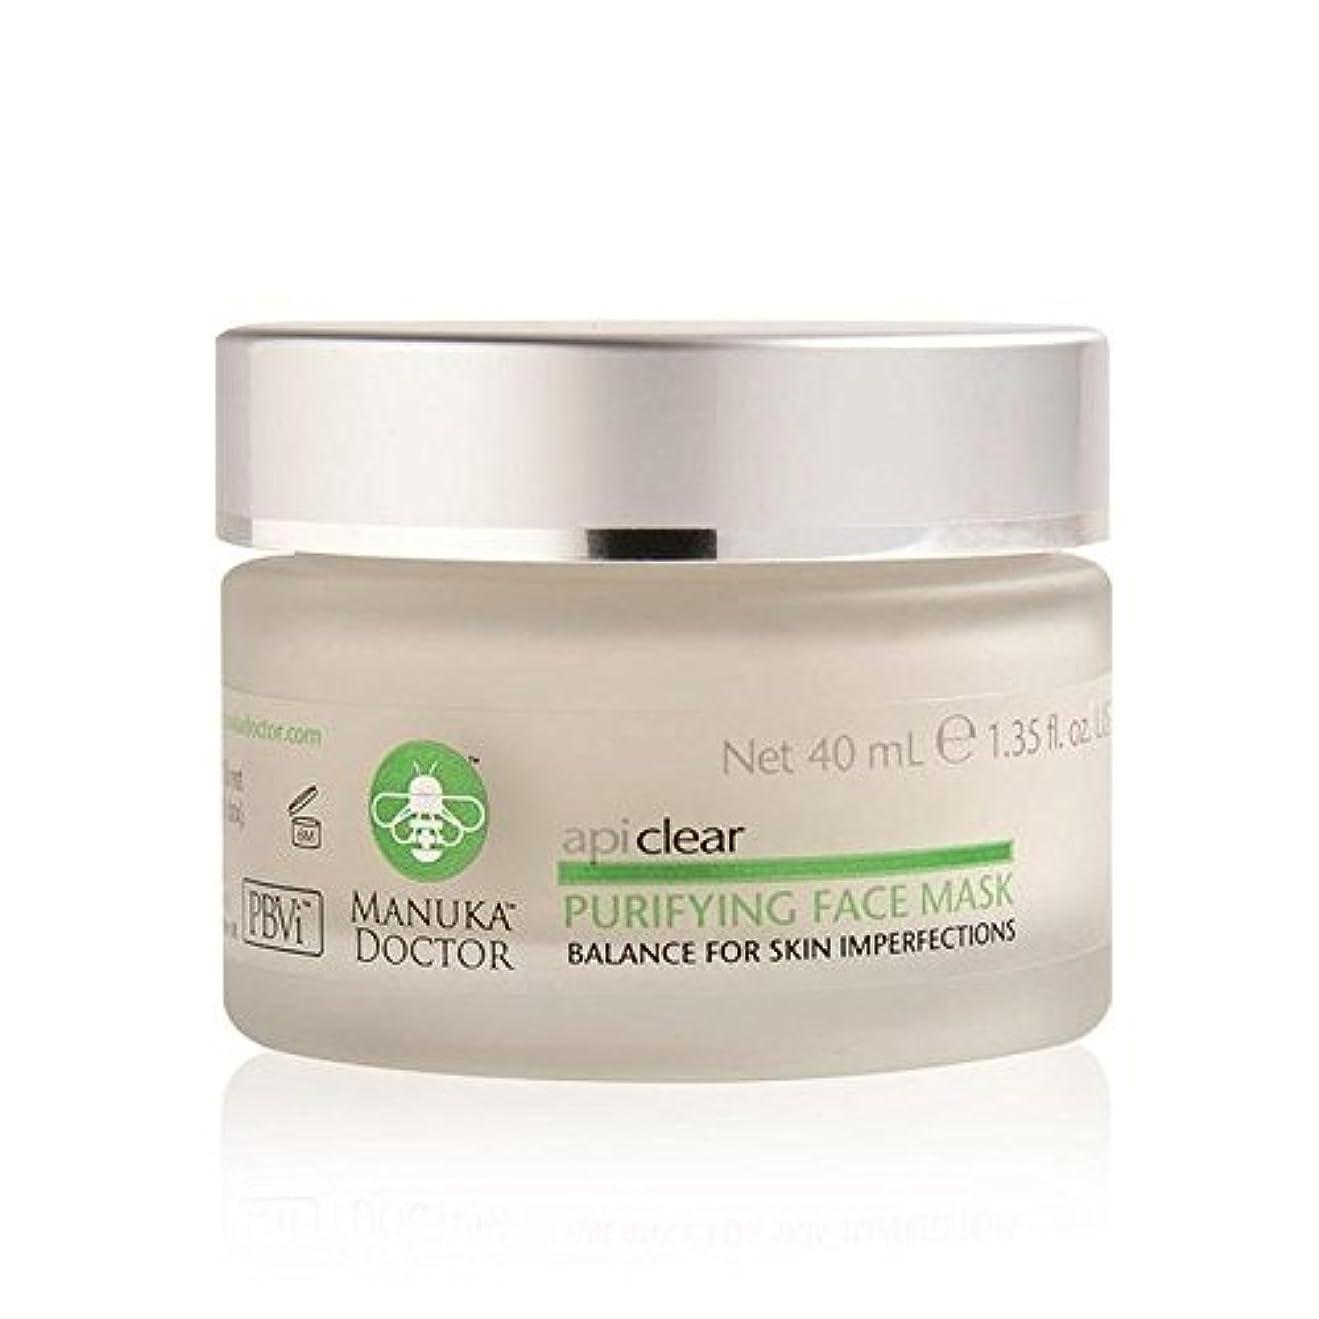 複合貧しいラベンダーManuka Doctor Api Clear Purifying Face Mask 40ml (Pack of 6) - マヌカドクター明確な浄化フェイスマスク40ミリリットル x6 [並行輸入品]